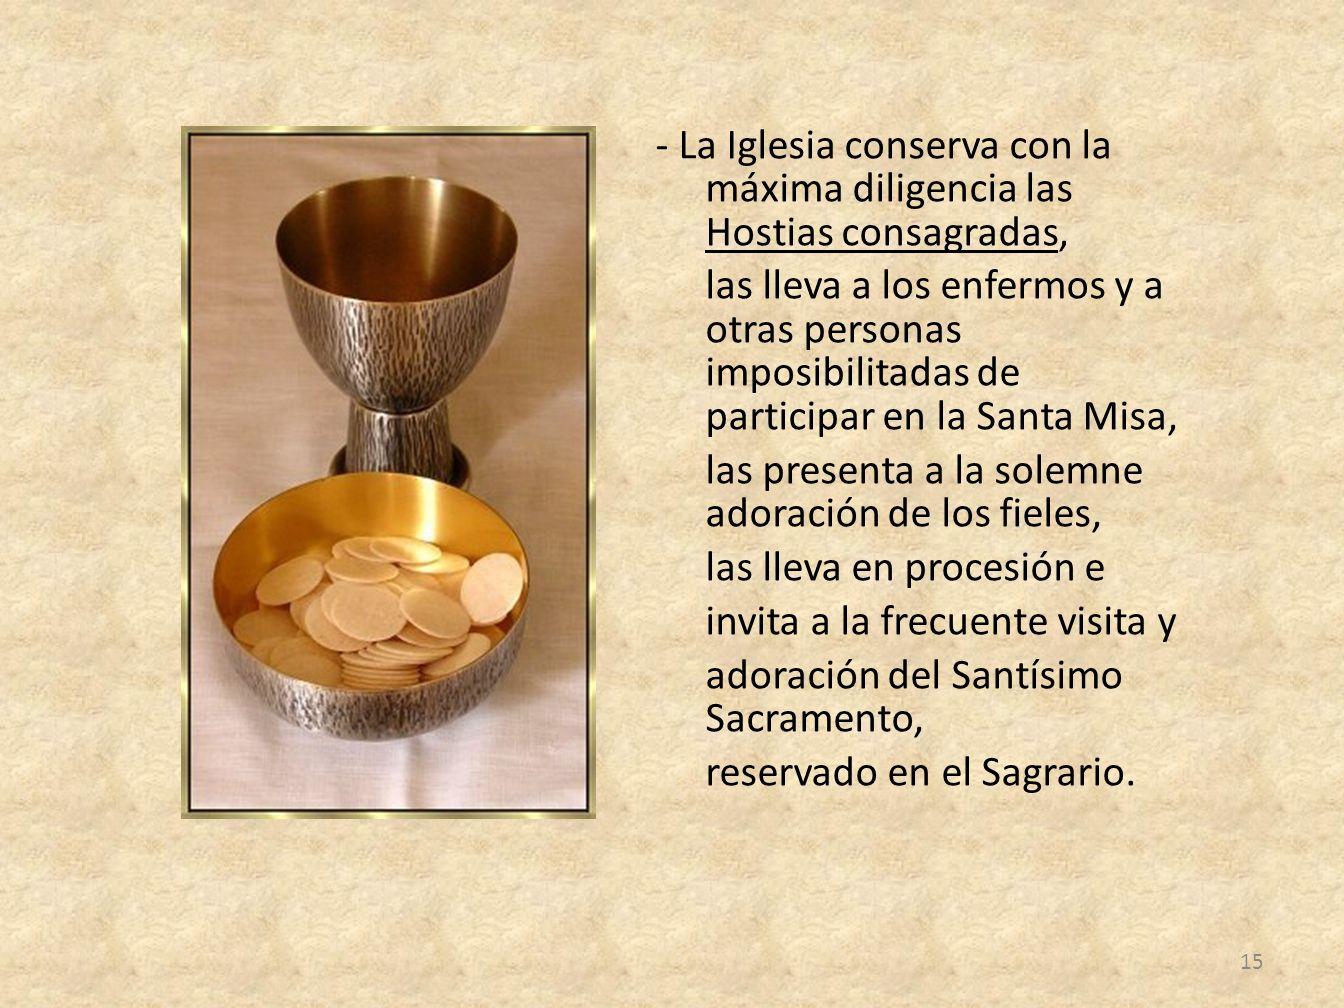 - La Iglesia conserva con la máxima diligencia las Hostias consagradas, las lleva a los enfermos y a otras personas imposibilitadas de participar en l